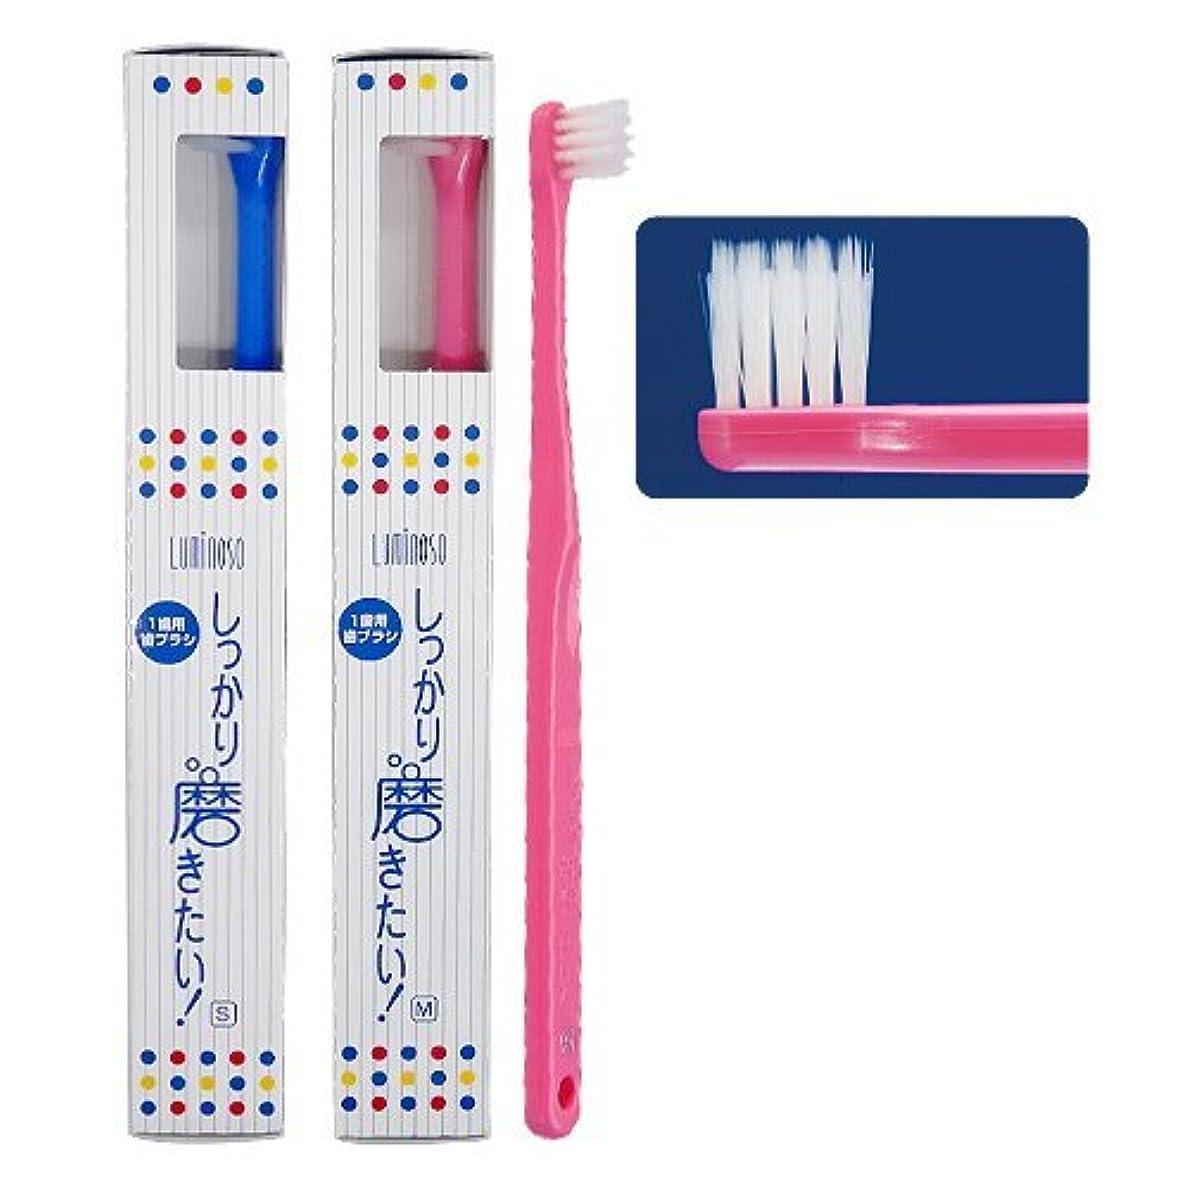 住所食堂ベースルミノソ 1歯用歯ブラシ「しっかり磨きたい!」スタンダード ミディアム (カラー指定不可) 10本